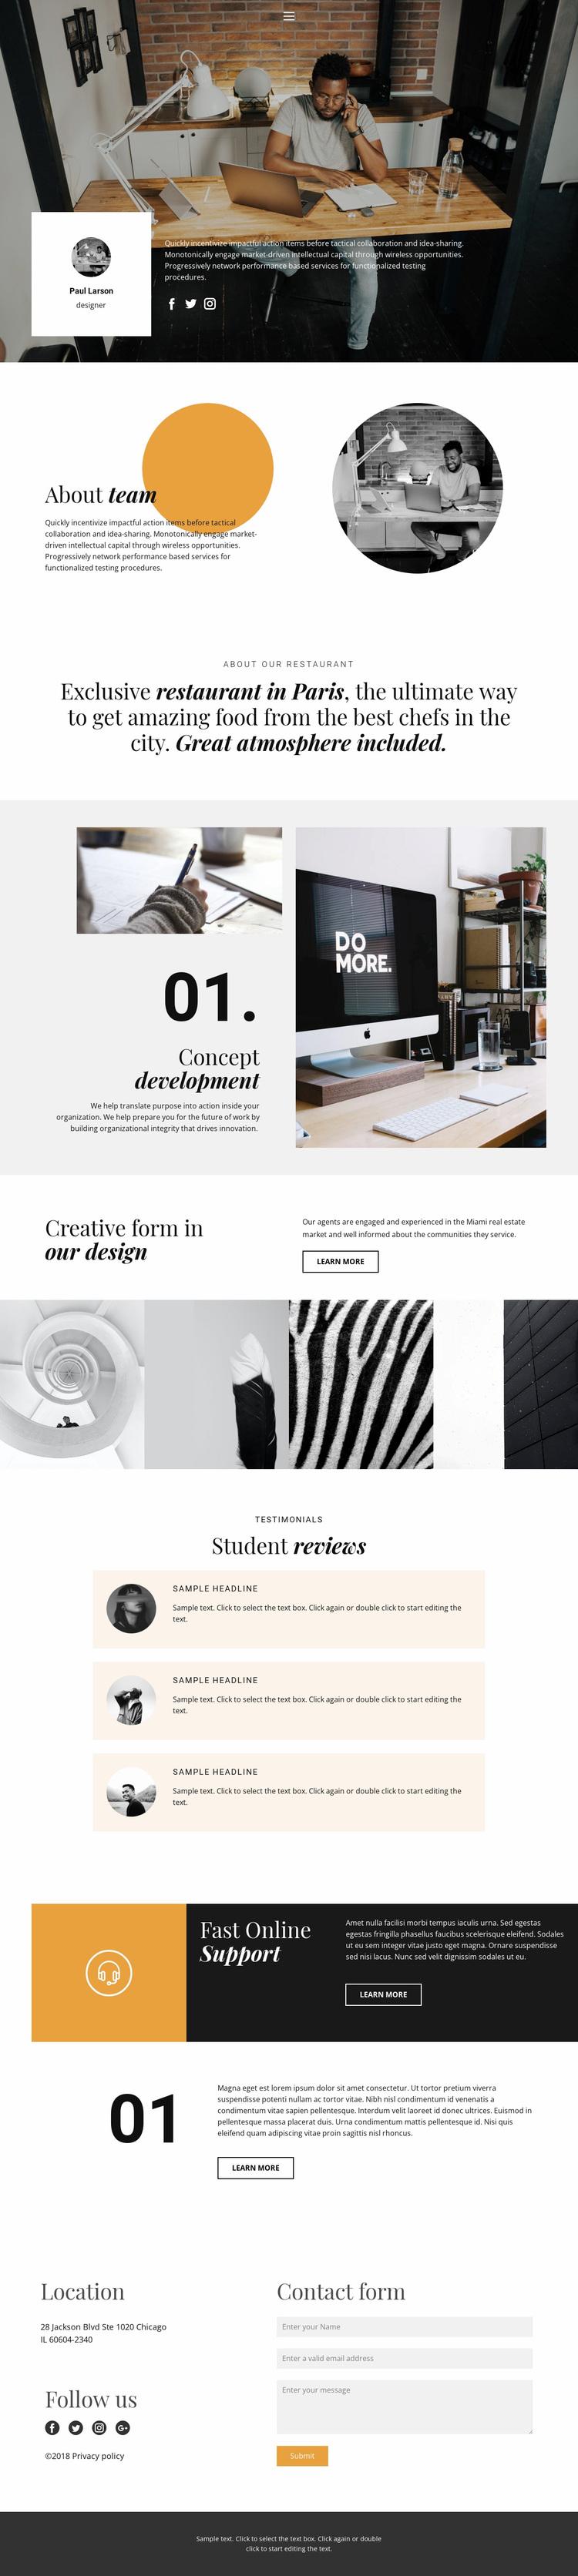 A team of talented developers Website Design